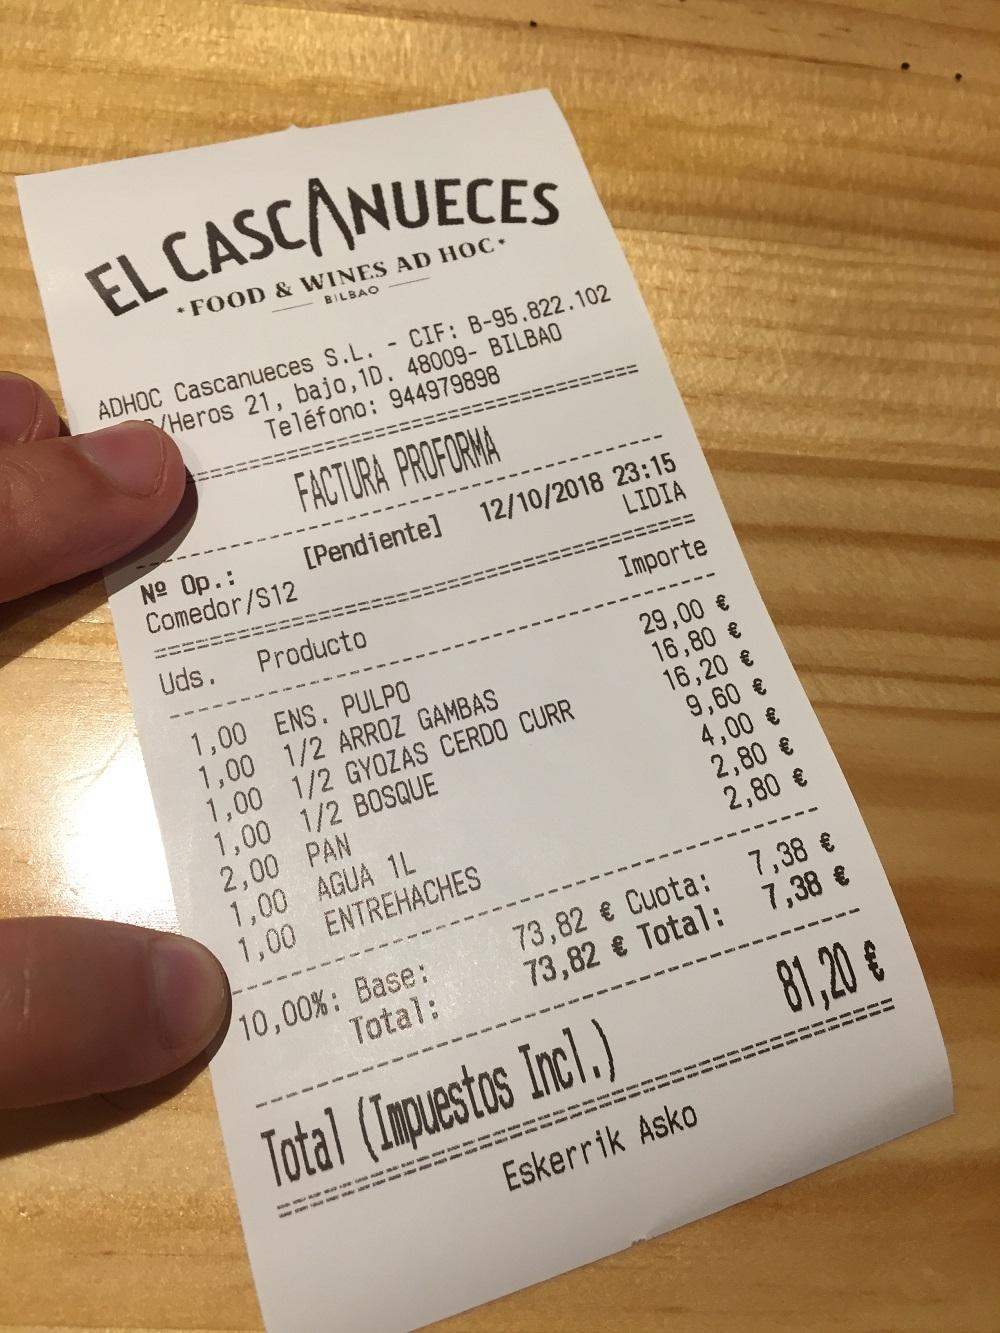 Restaurante Cascanueces (Bilbao)